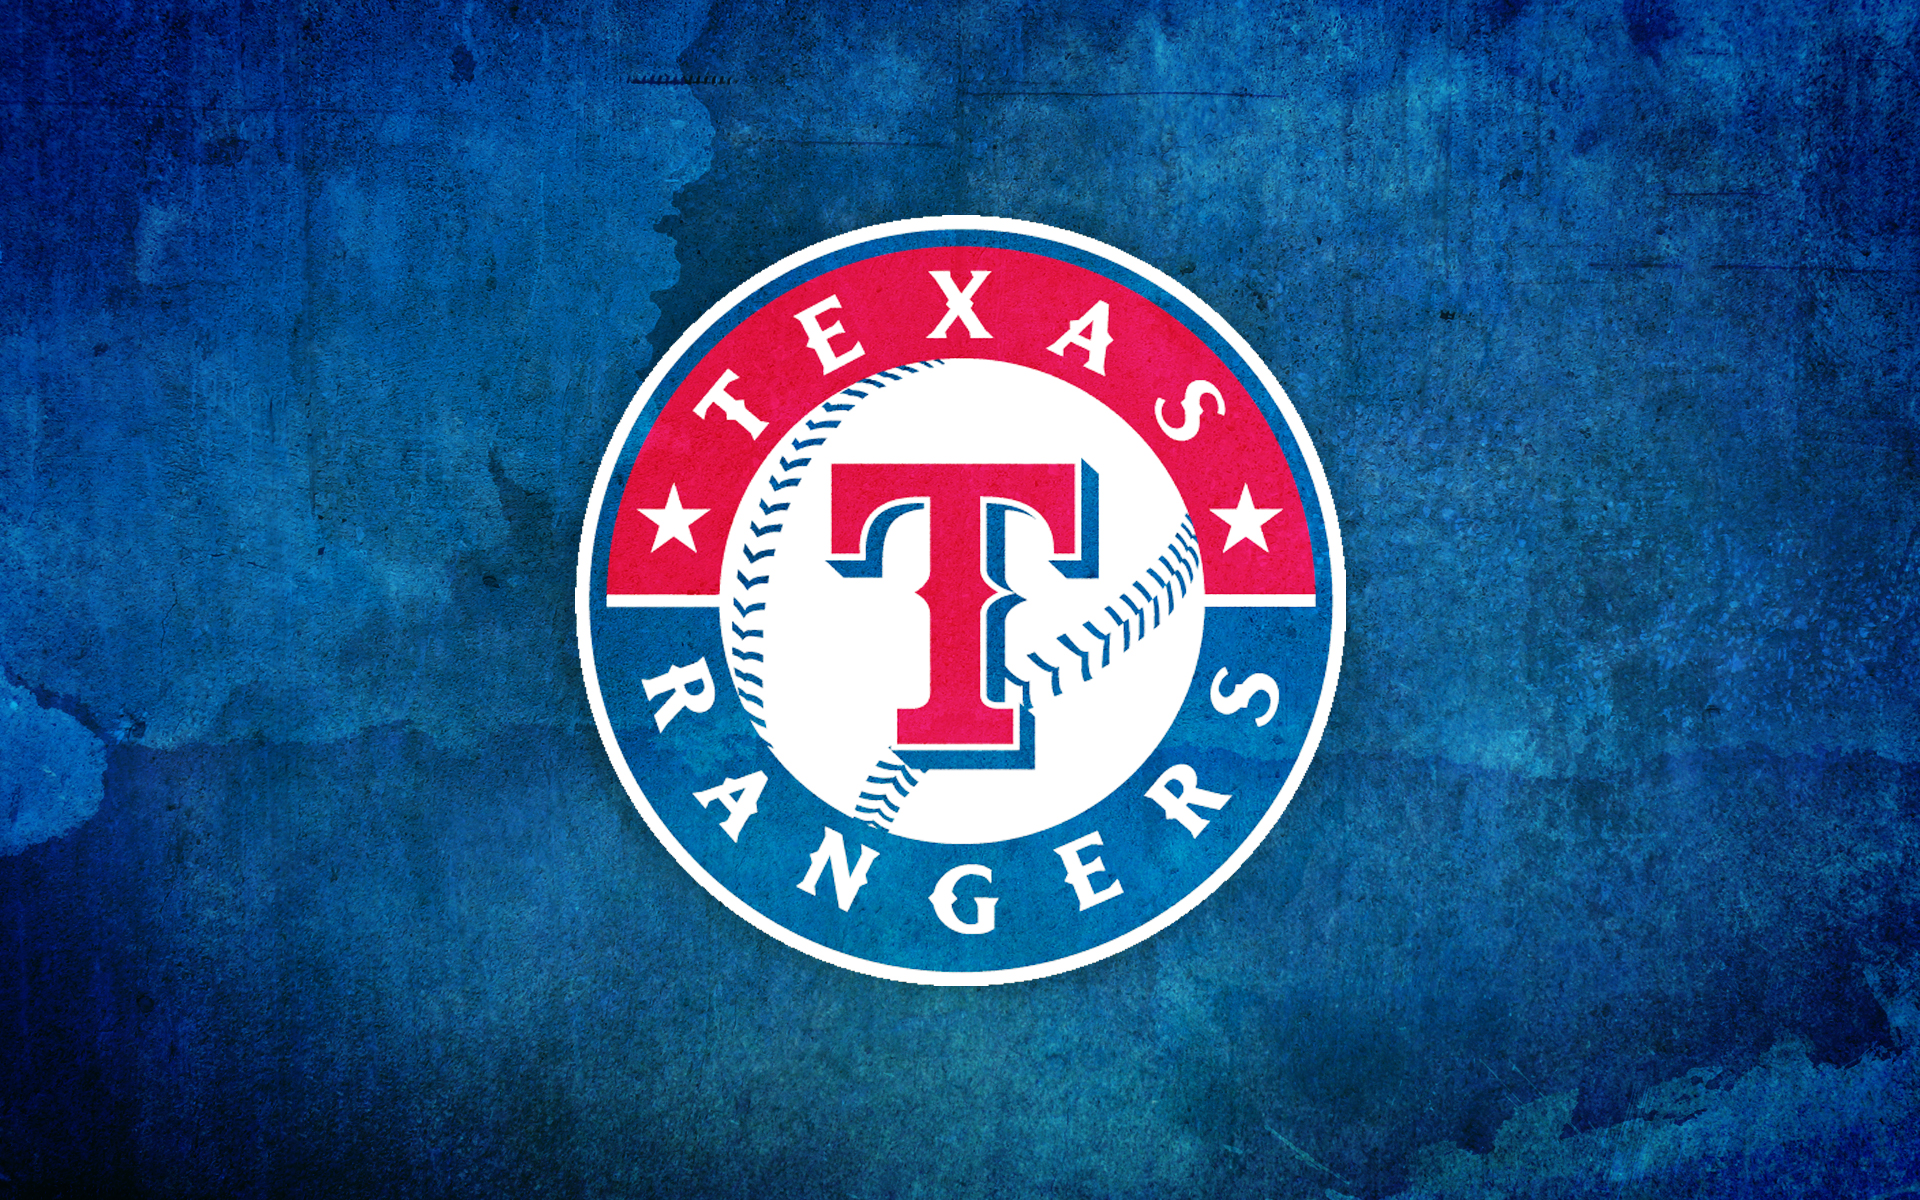 Texas Rangers Wallpaper